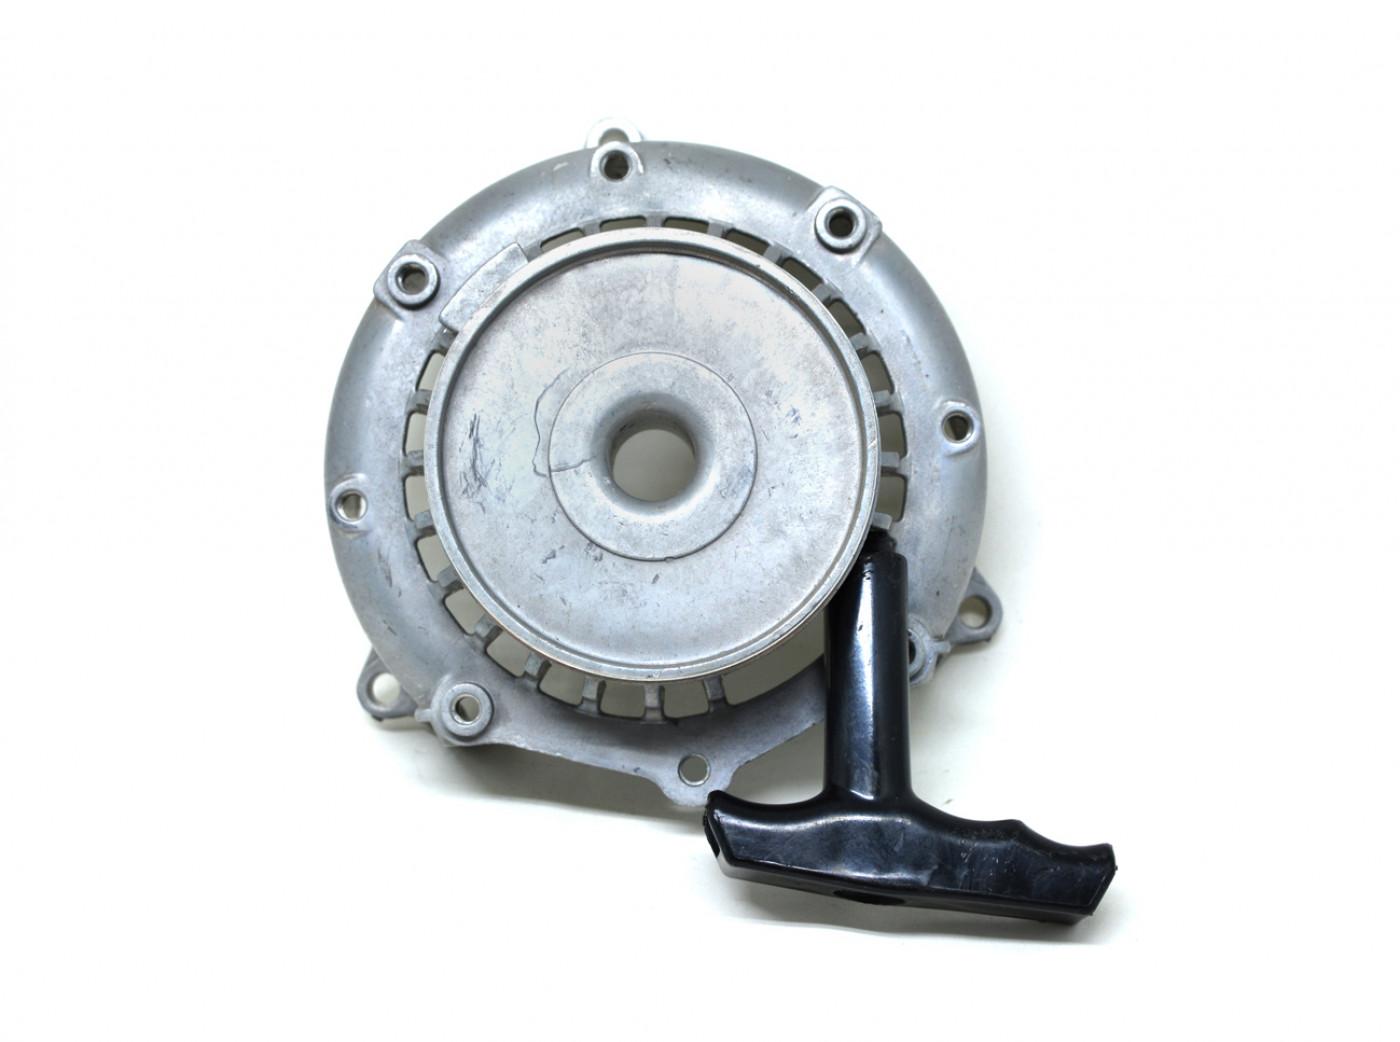 Štartér kompletný Oleo-mac Sparta 25 26 250 - 4161160AR